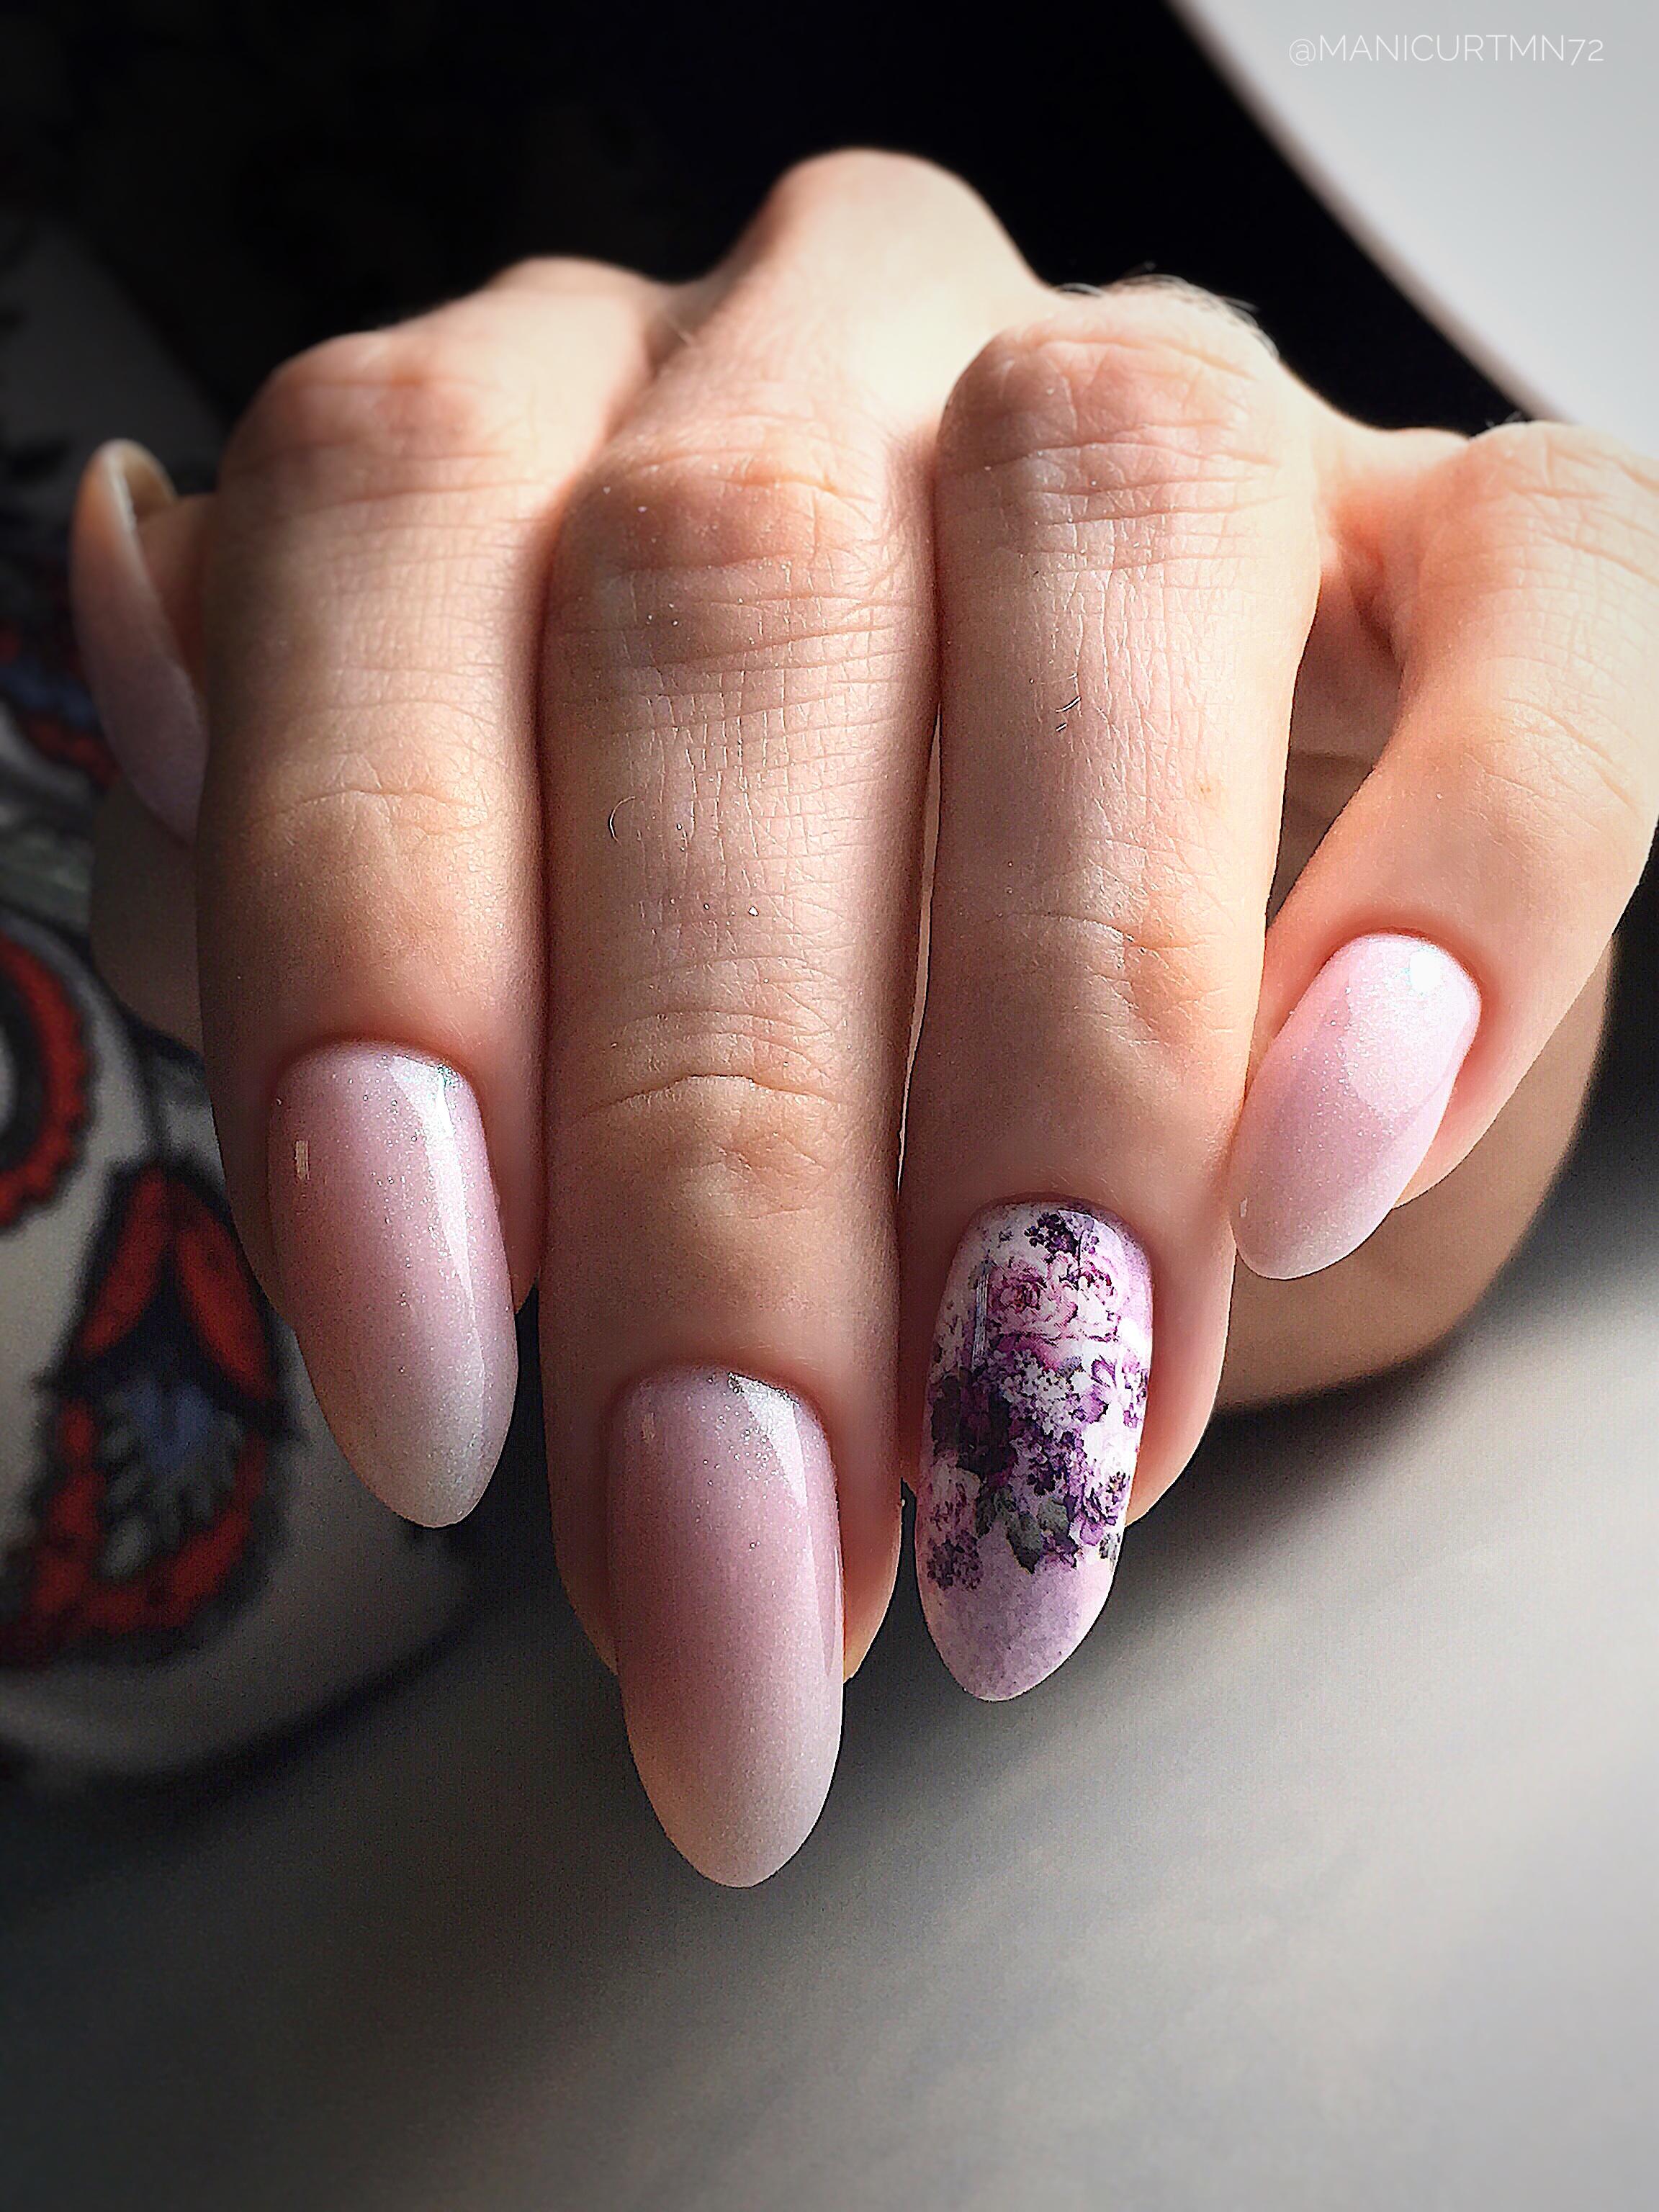 Маникюр с цветочным слайдером в розовом цвете.